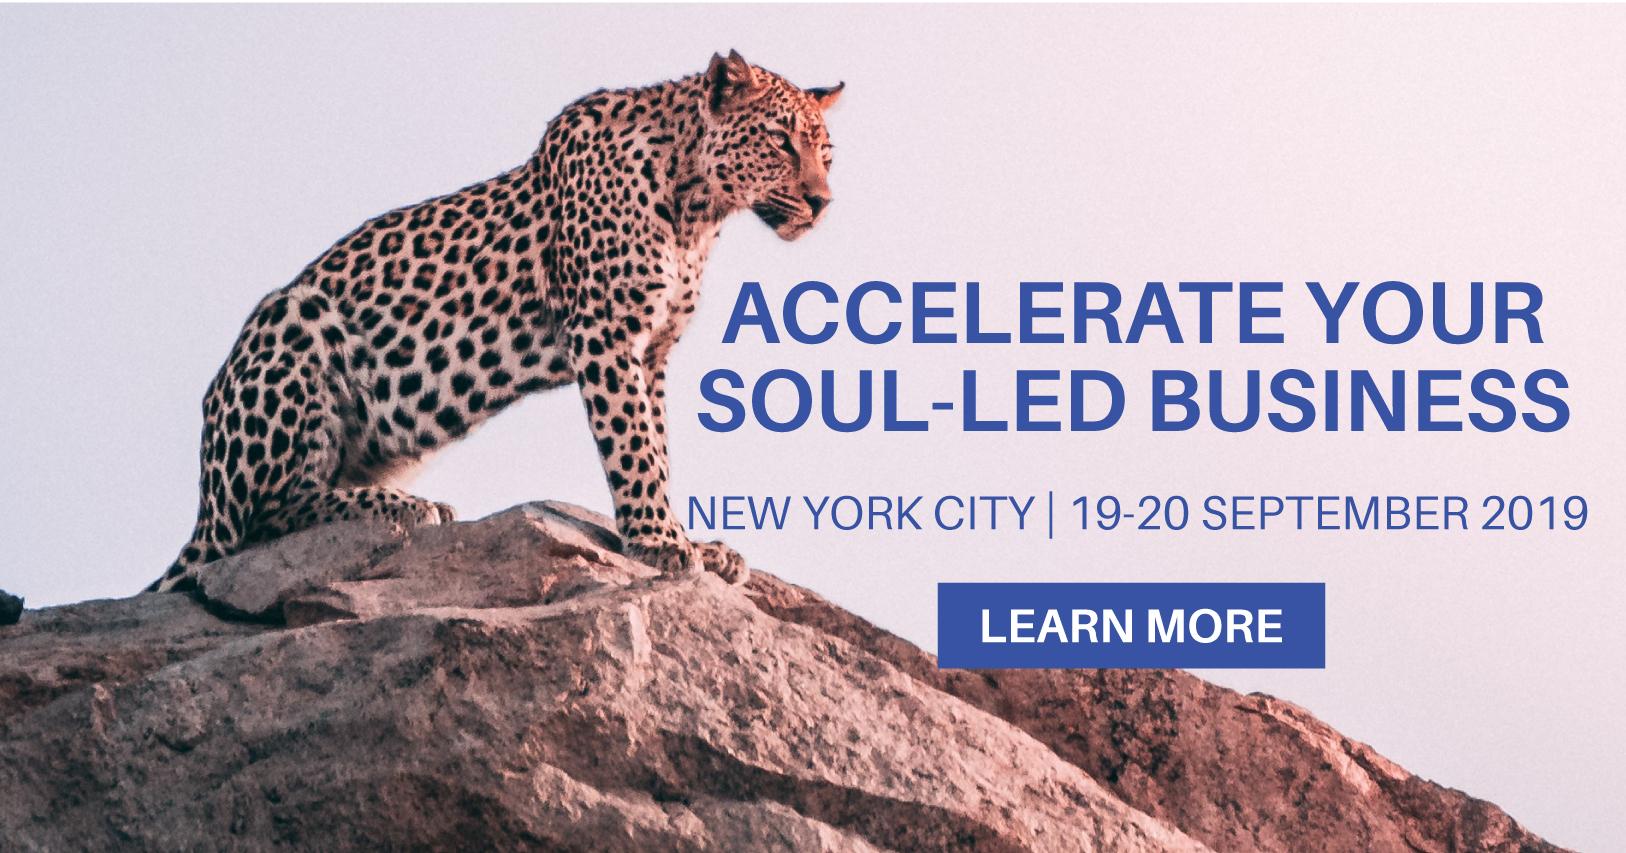 New-York-City-Email-Graphic-2.jpg